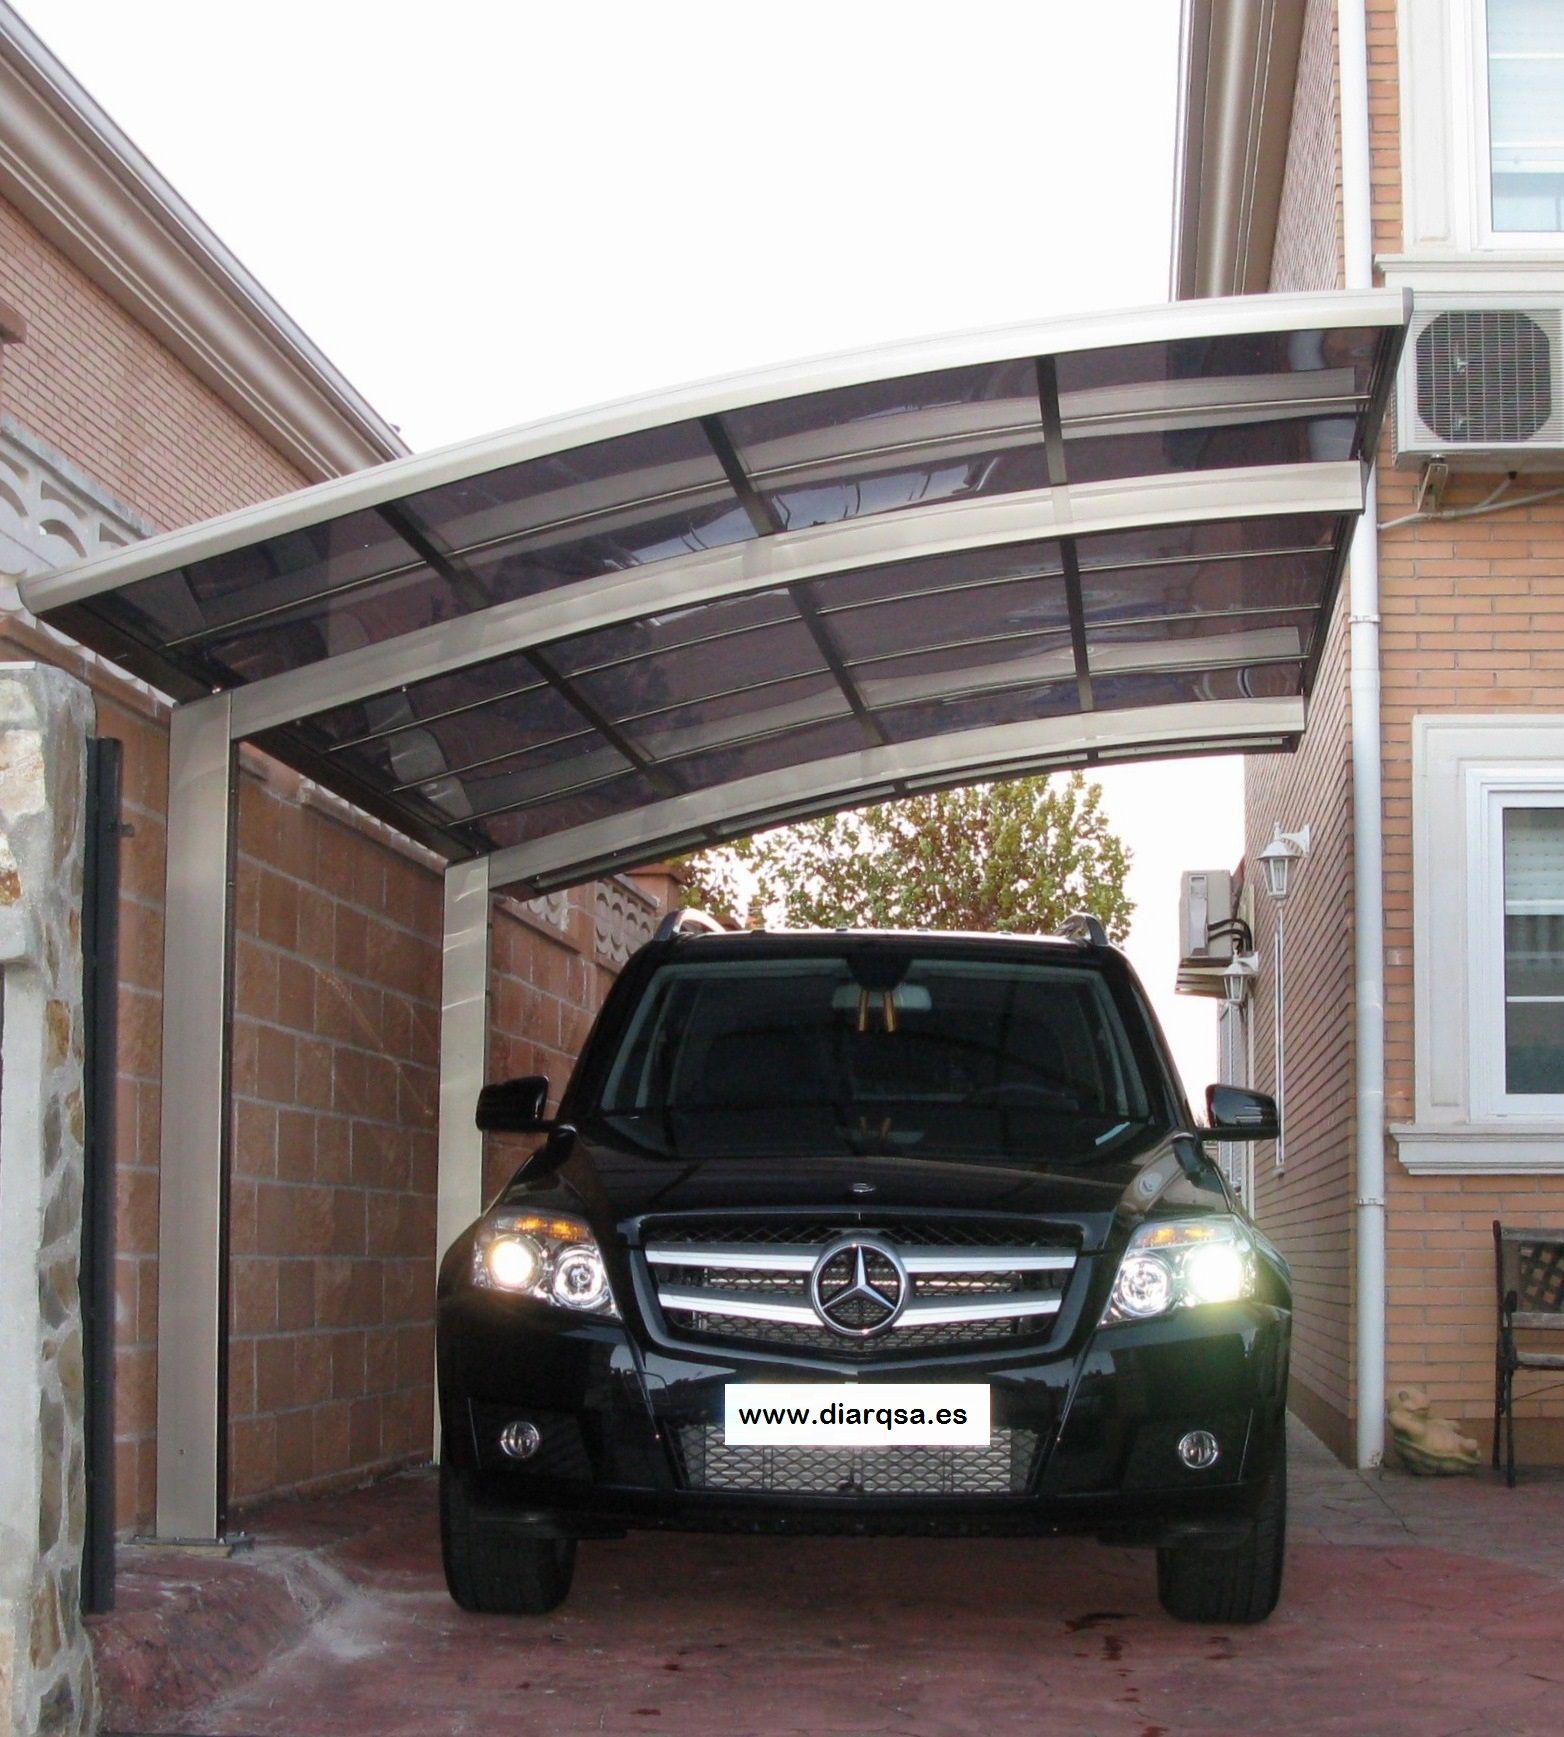 Marquesina profesionales en marquesinas para coches porches y terrazas marquesinas para - Porches para coches ...